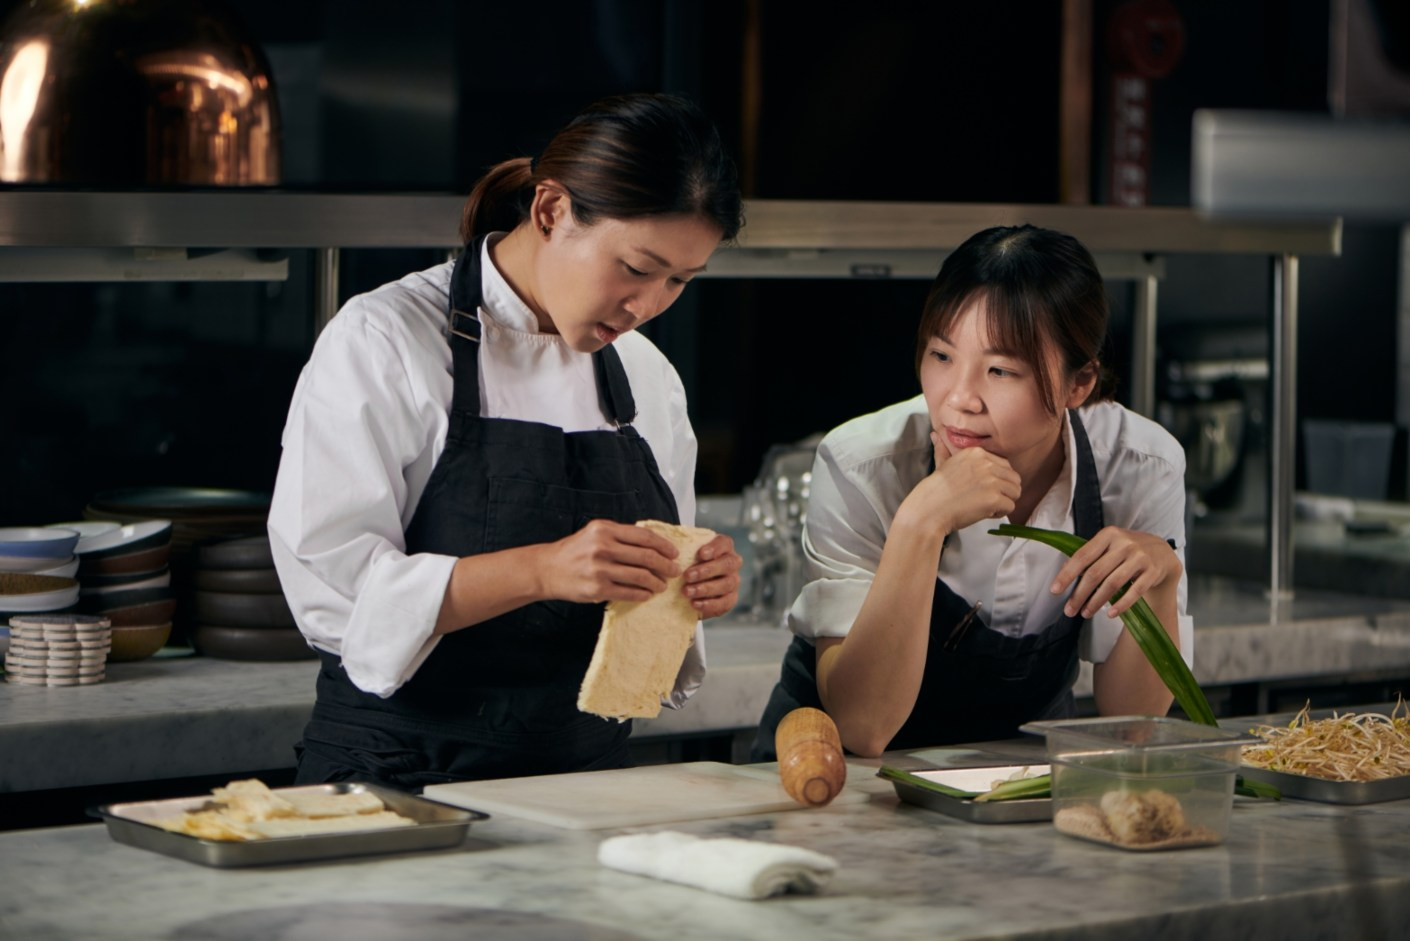 態芮甜點主廚 Angela 與 JL Studio 主廚 Una 是很有趣的對照,卻又密切契合。(圖片:JL Studio 與態芮提供)